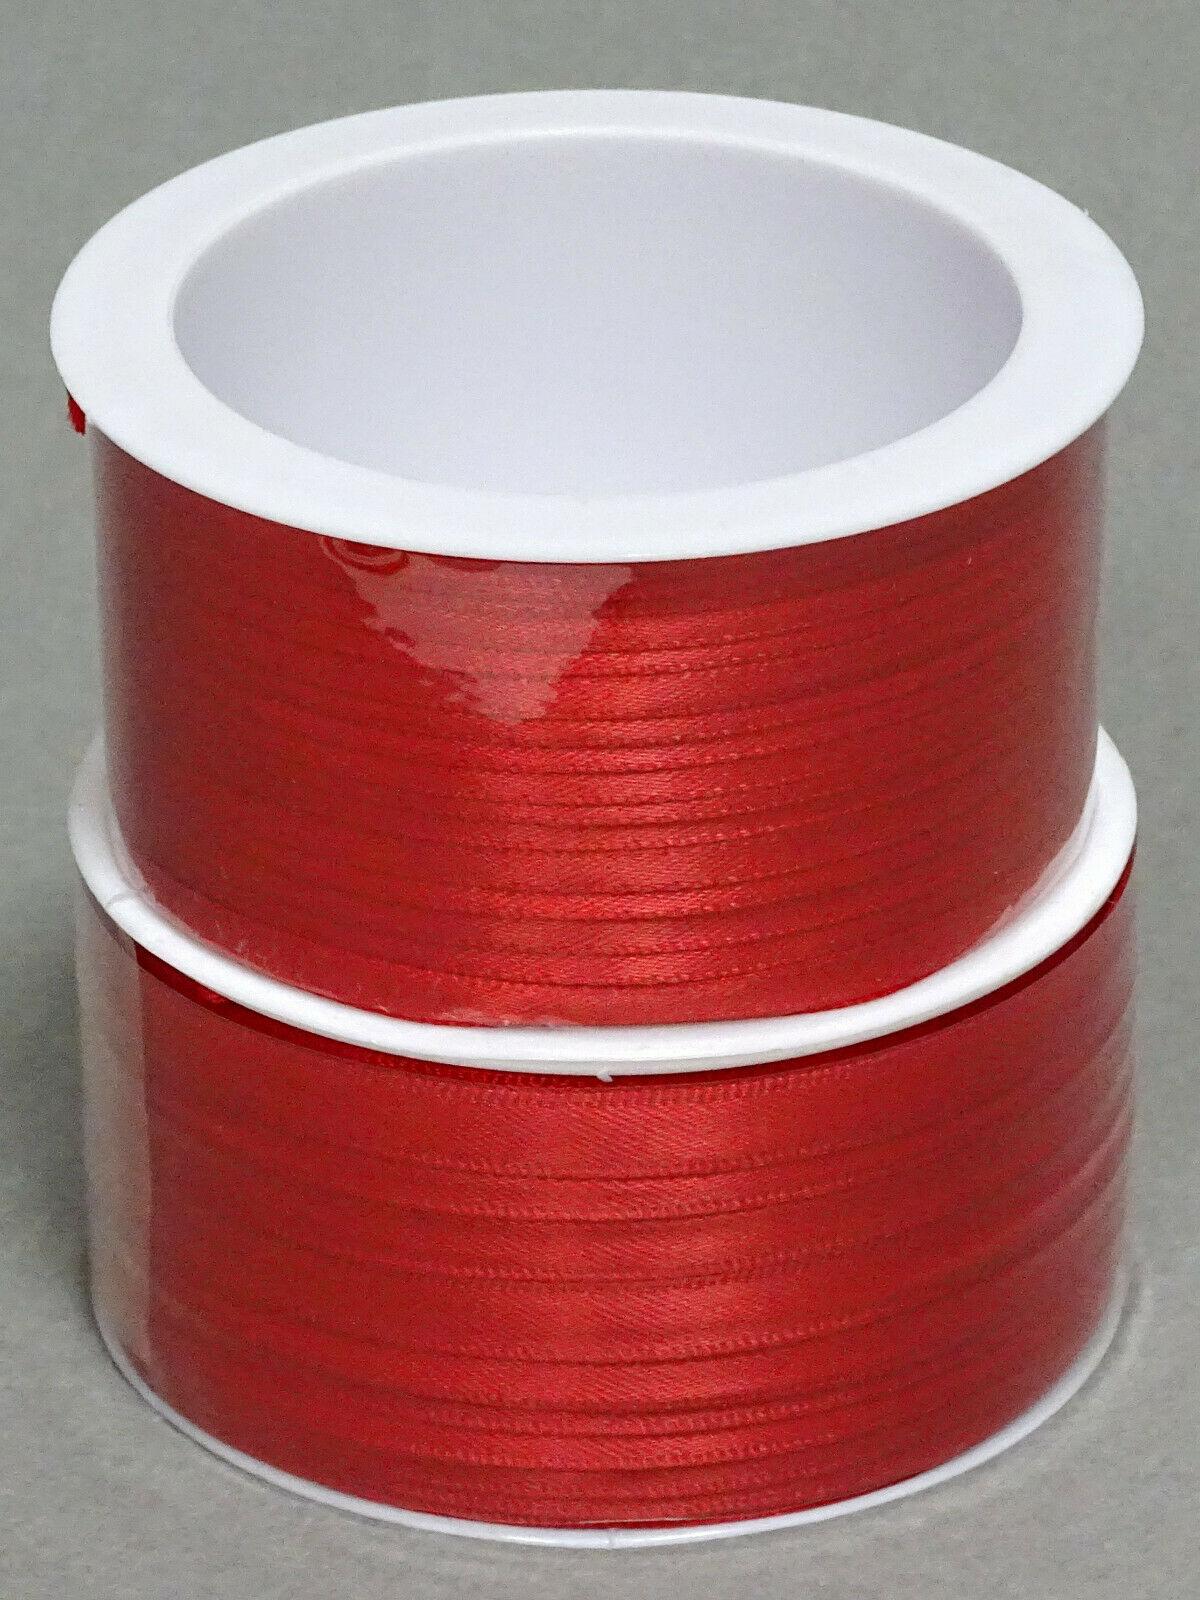 Satinband Schleifenband 50m x 3mm / 6mm Dekoband ab 0,05 €/m Geschenkband Rolle - Rot 123, 6 mm x 50 m